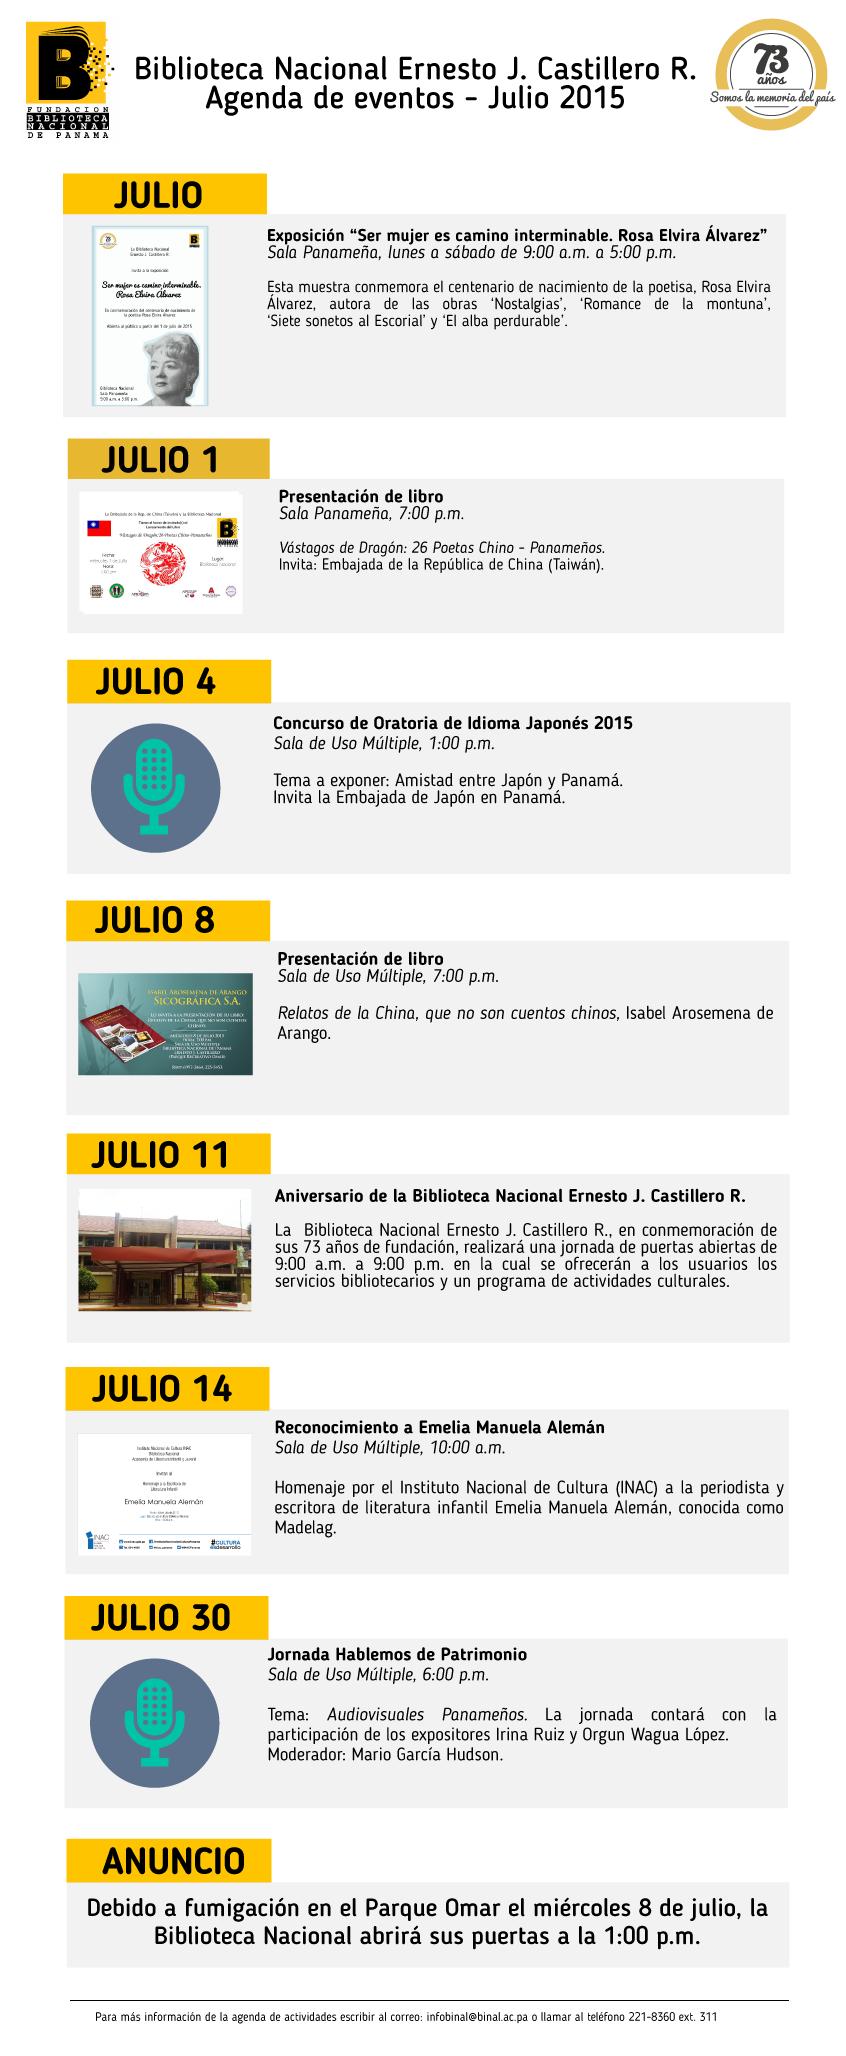 Agenda-de-actividades-BINAL-JULIO